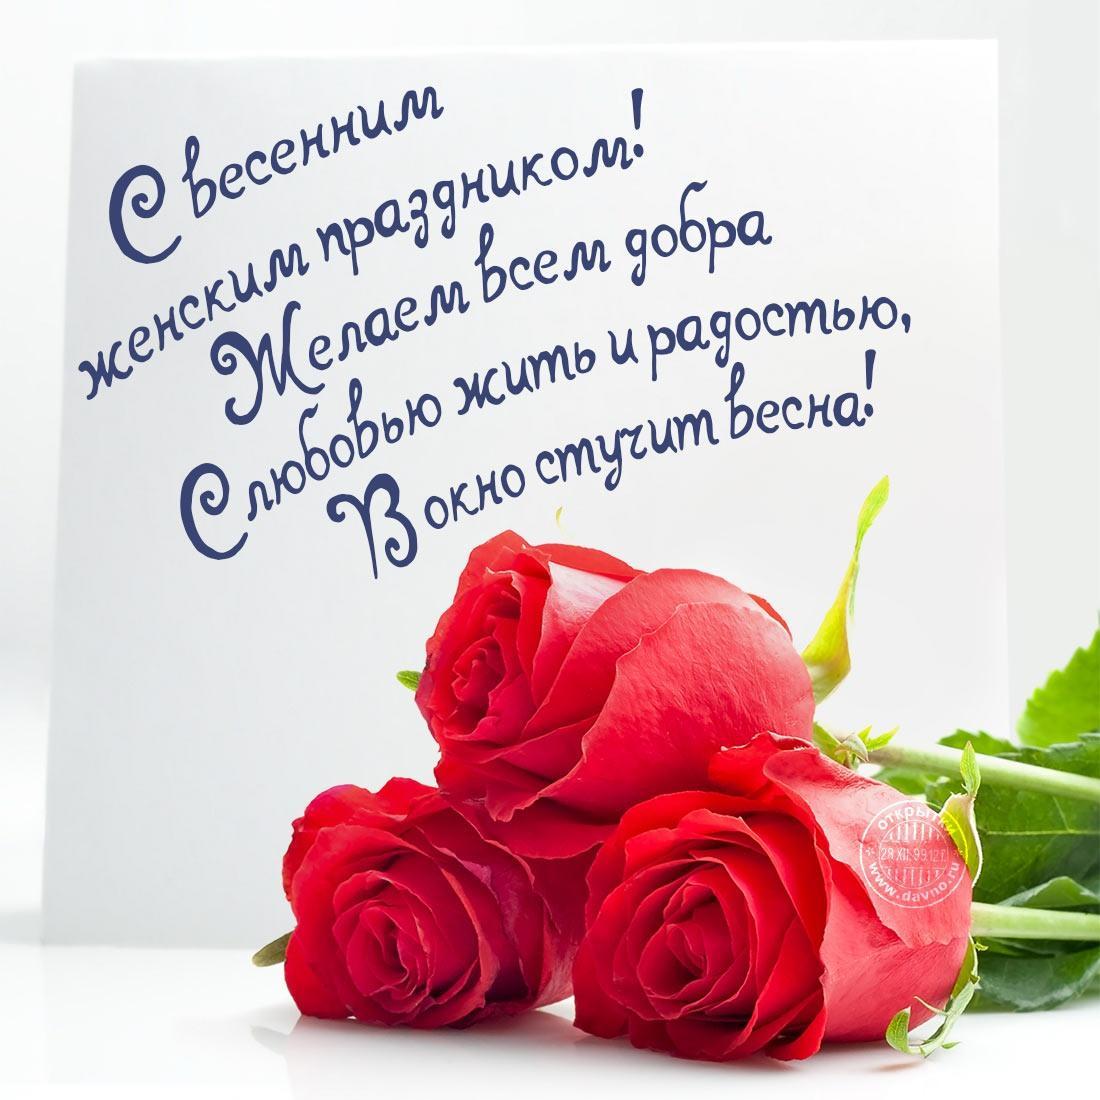 фото Поздравления с 8 Марта: прикольные открытки, стихи и поздравления 8